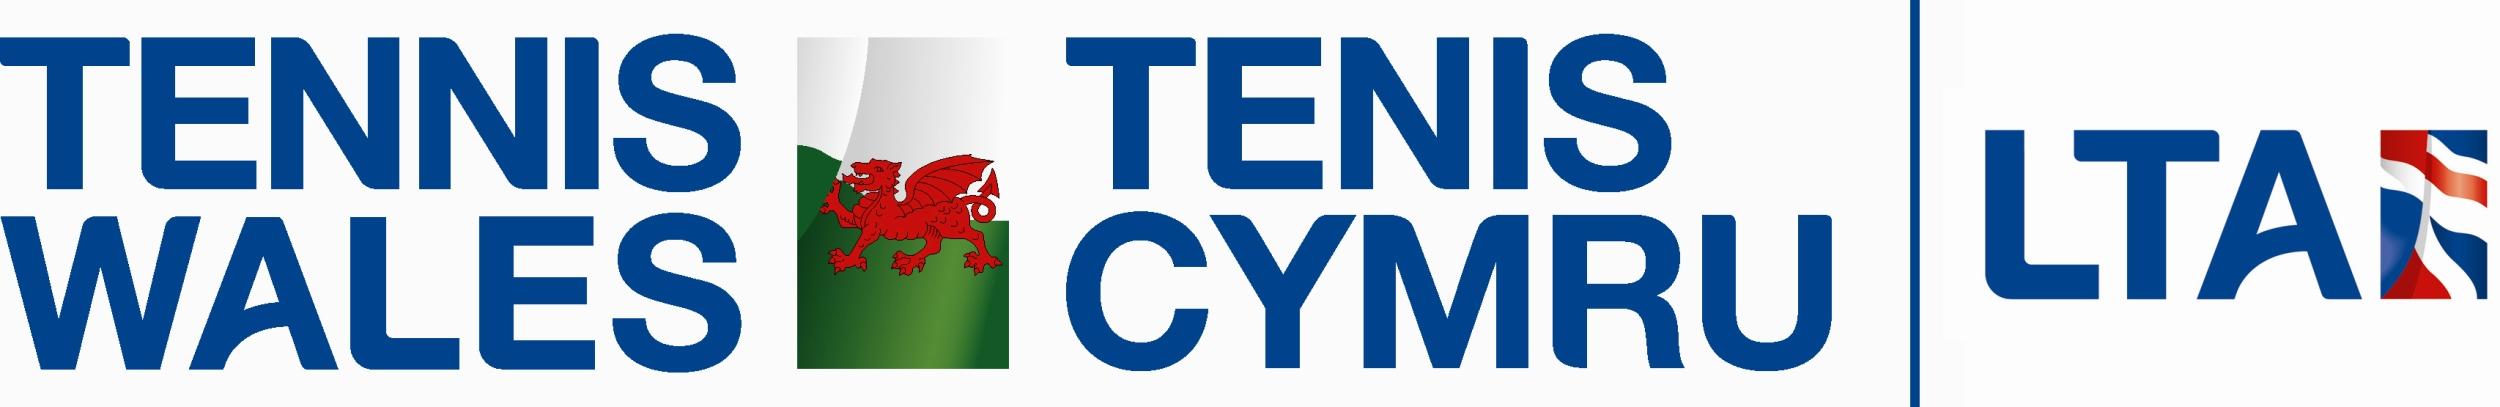 Tennis Wales / LTA